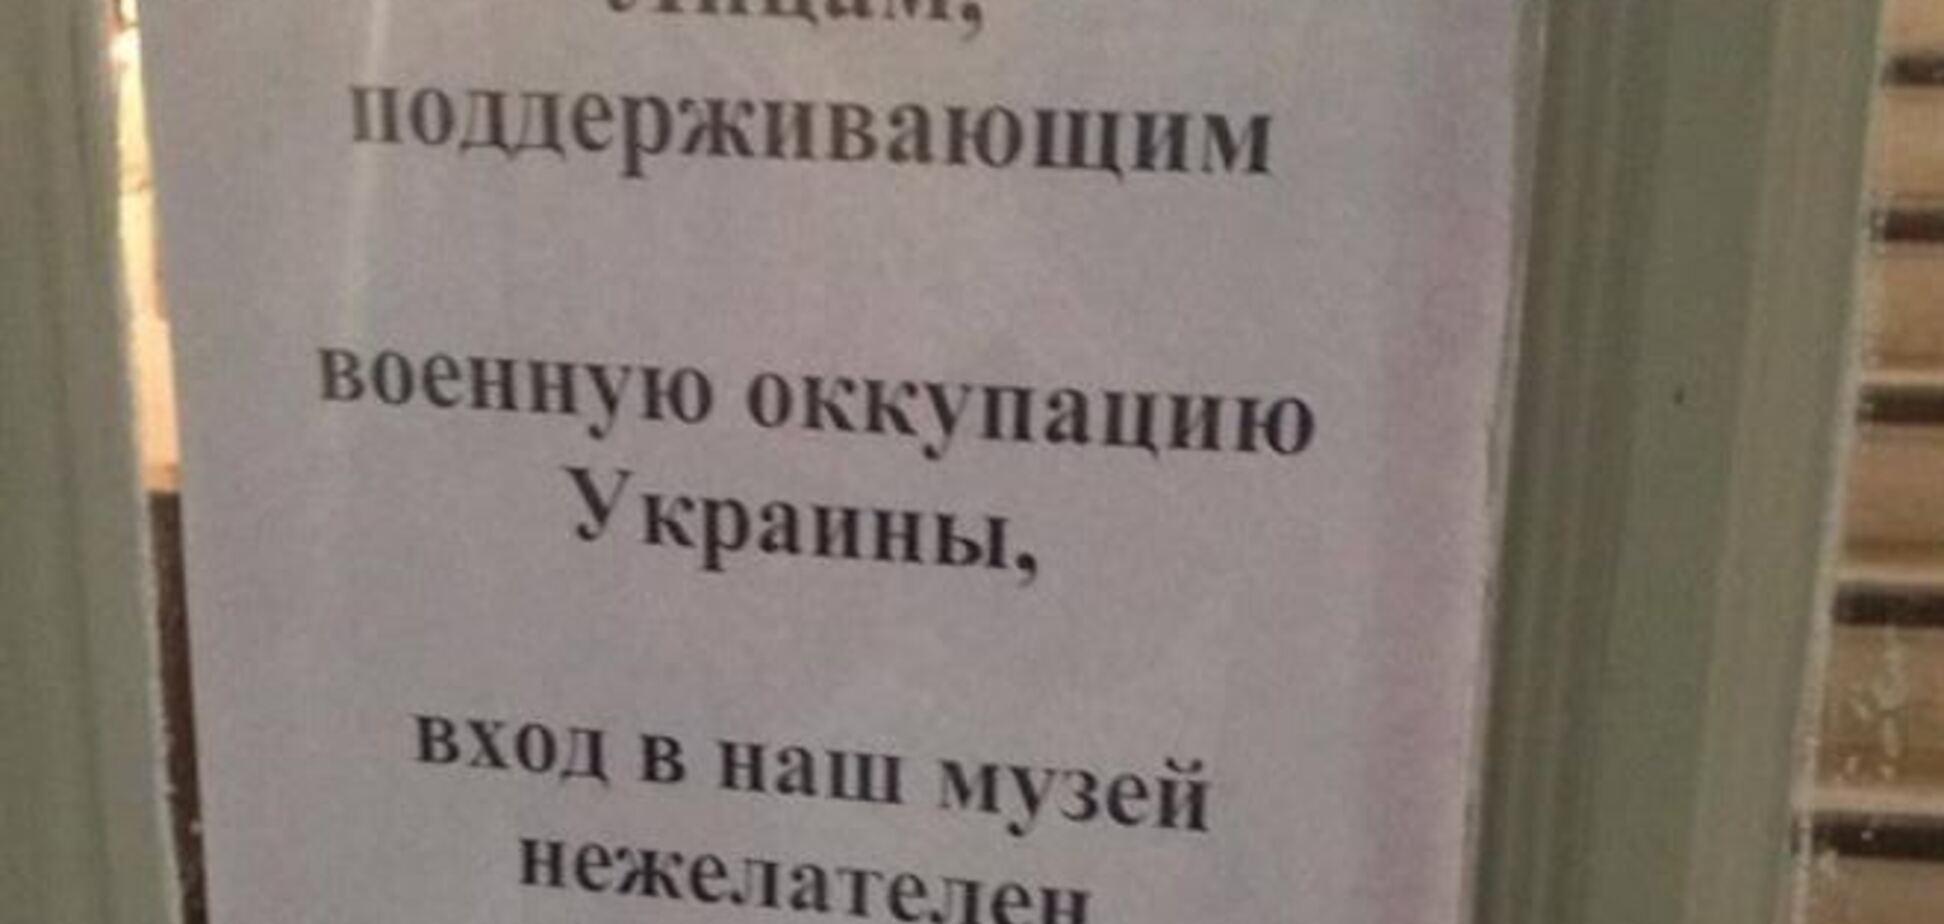 Киевский музей Булгакова вывесил объявление для сторонников оккупации